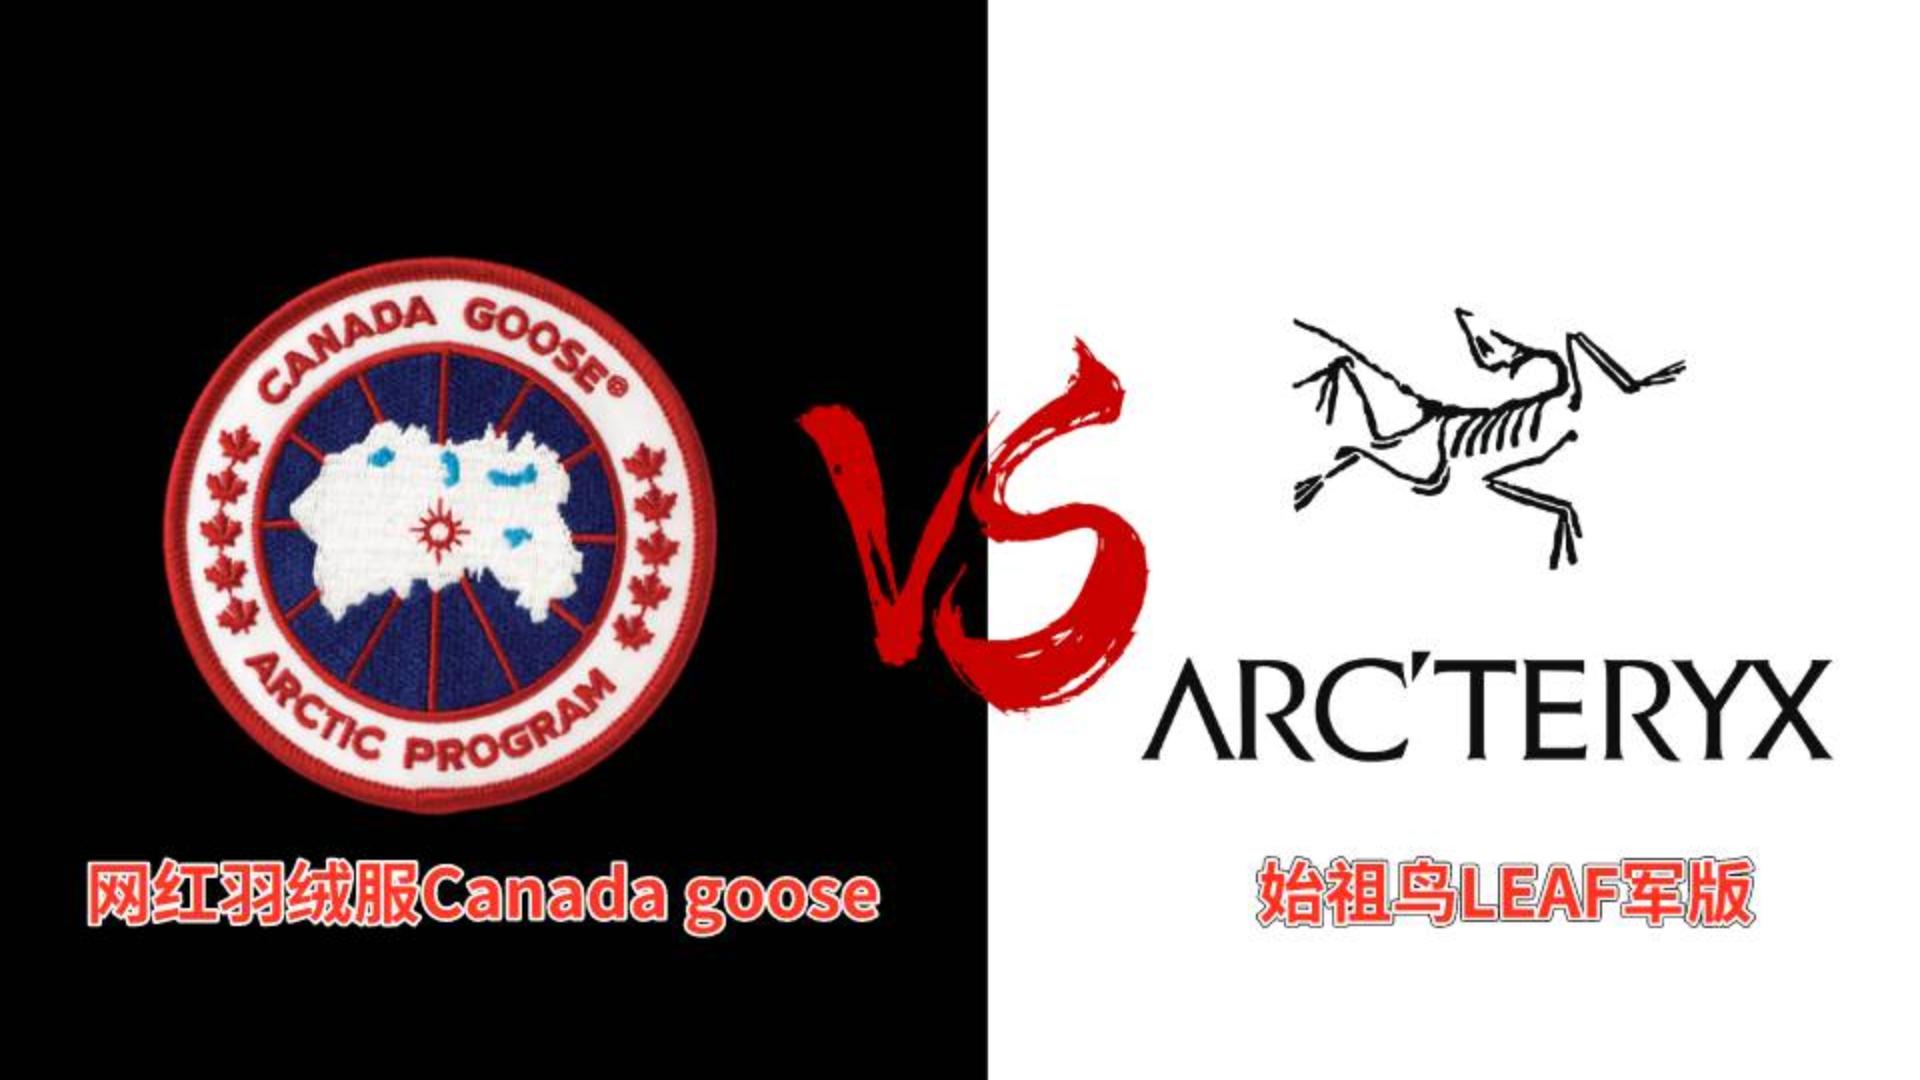 【始祖鸟军版VS加拿大鹅】零下20度, 始祖鸟和加拿大鹅如何面对暴雪的考验?